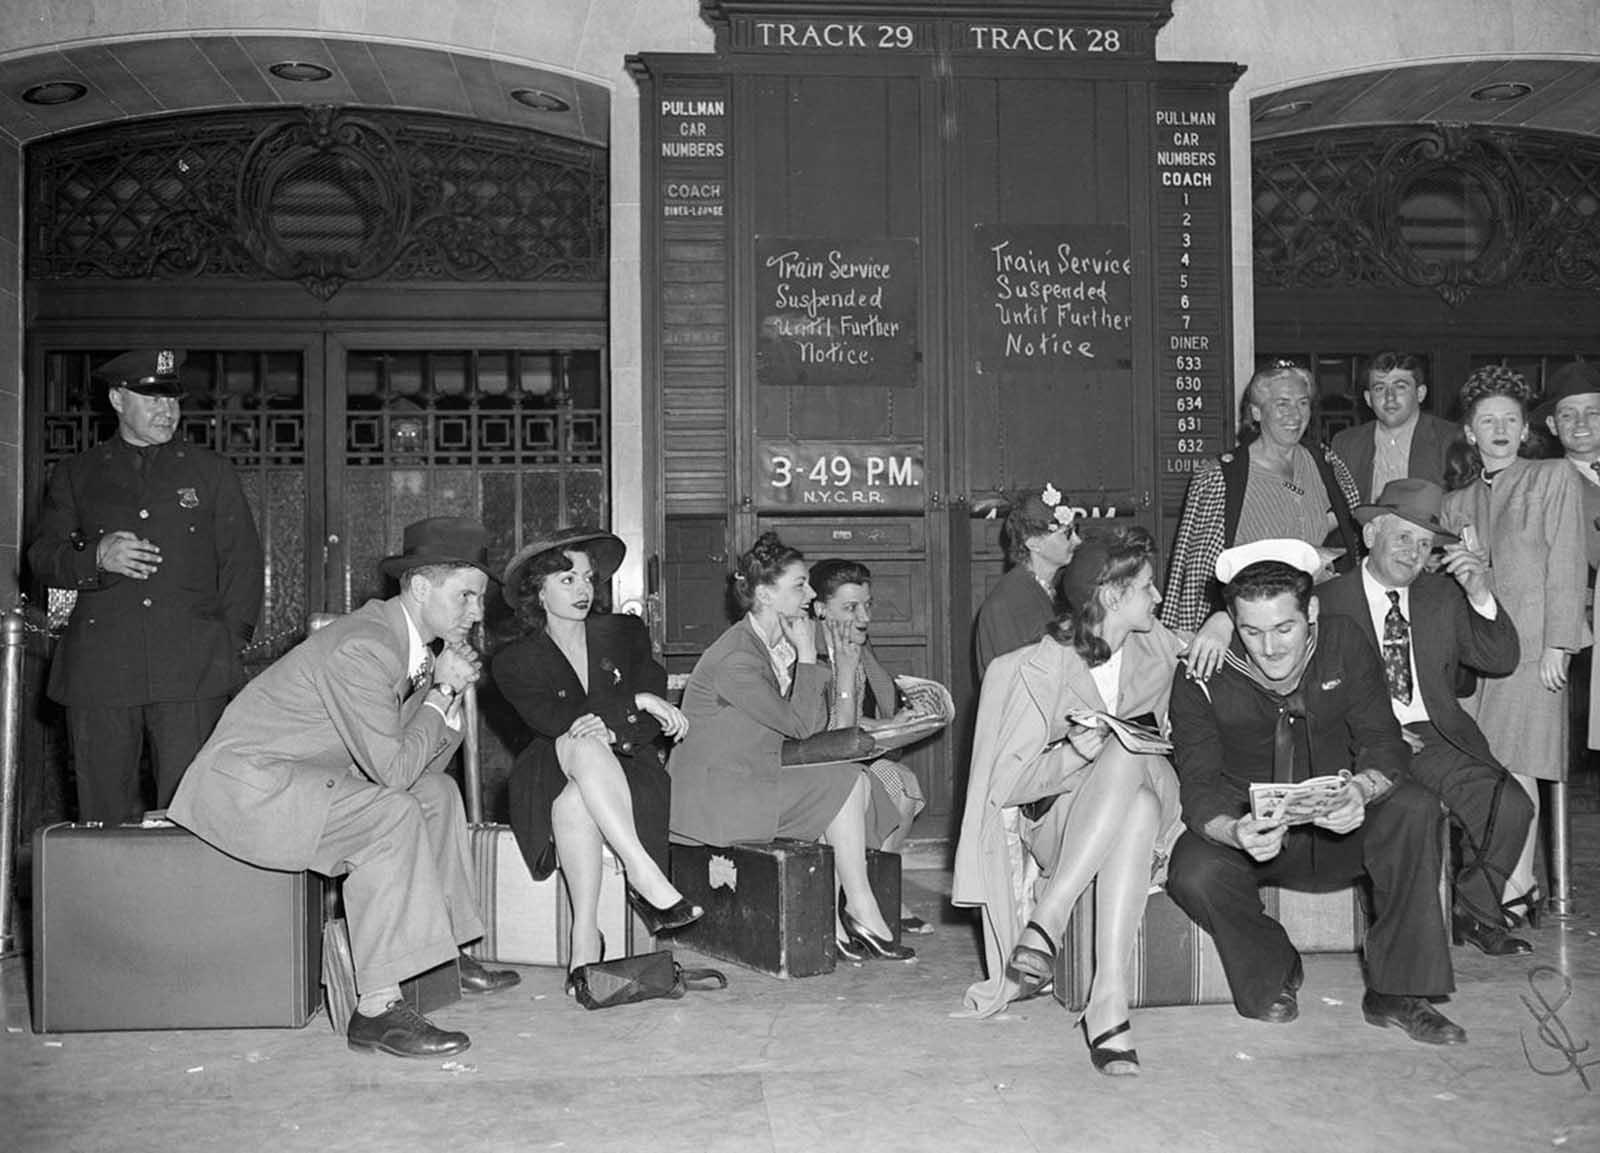 Los posibles pasajeros se sientan en su equipaje en la Terminal Grand Central el 23 de mayo de 1946, donde quedaron varados por una huelga ferroviaria.